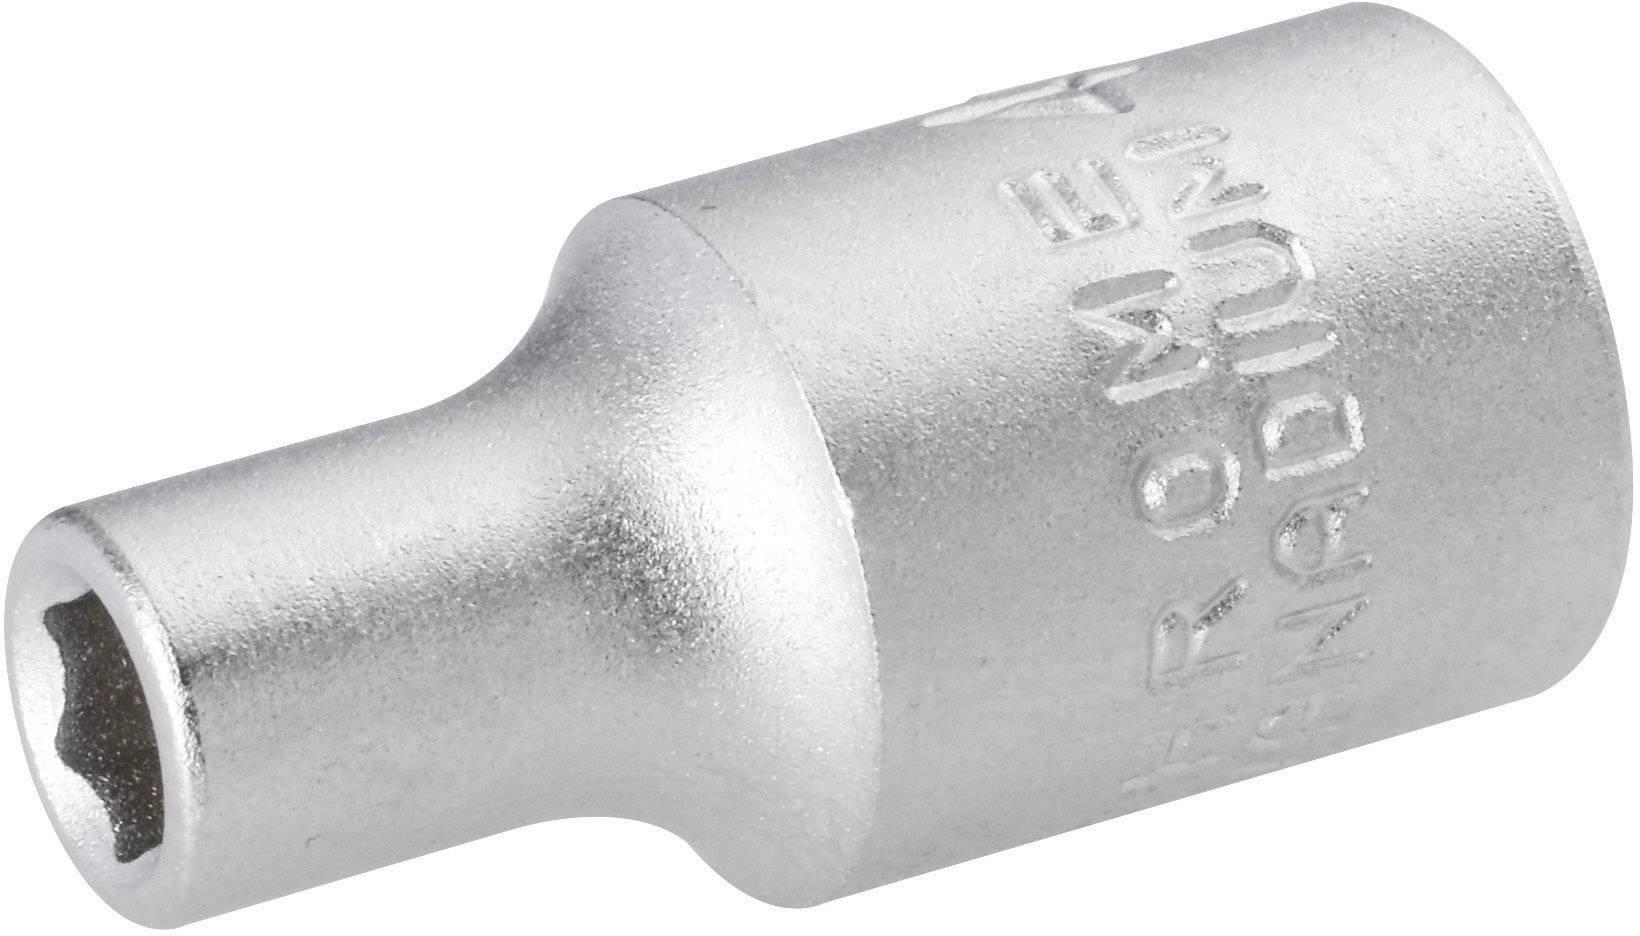 """Nástavec pro ráčnu TOOLCRAFT 820747, vnější šestihran, 1/4"""" (6,3 mm), 8 mm, chrom-vanadová ocel"""